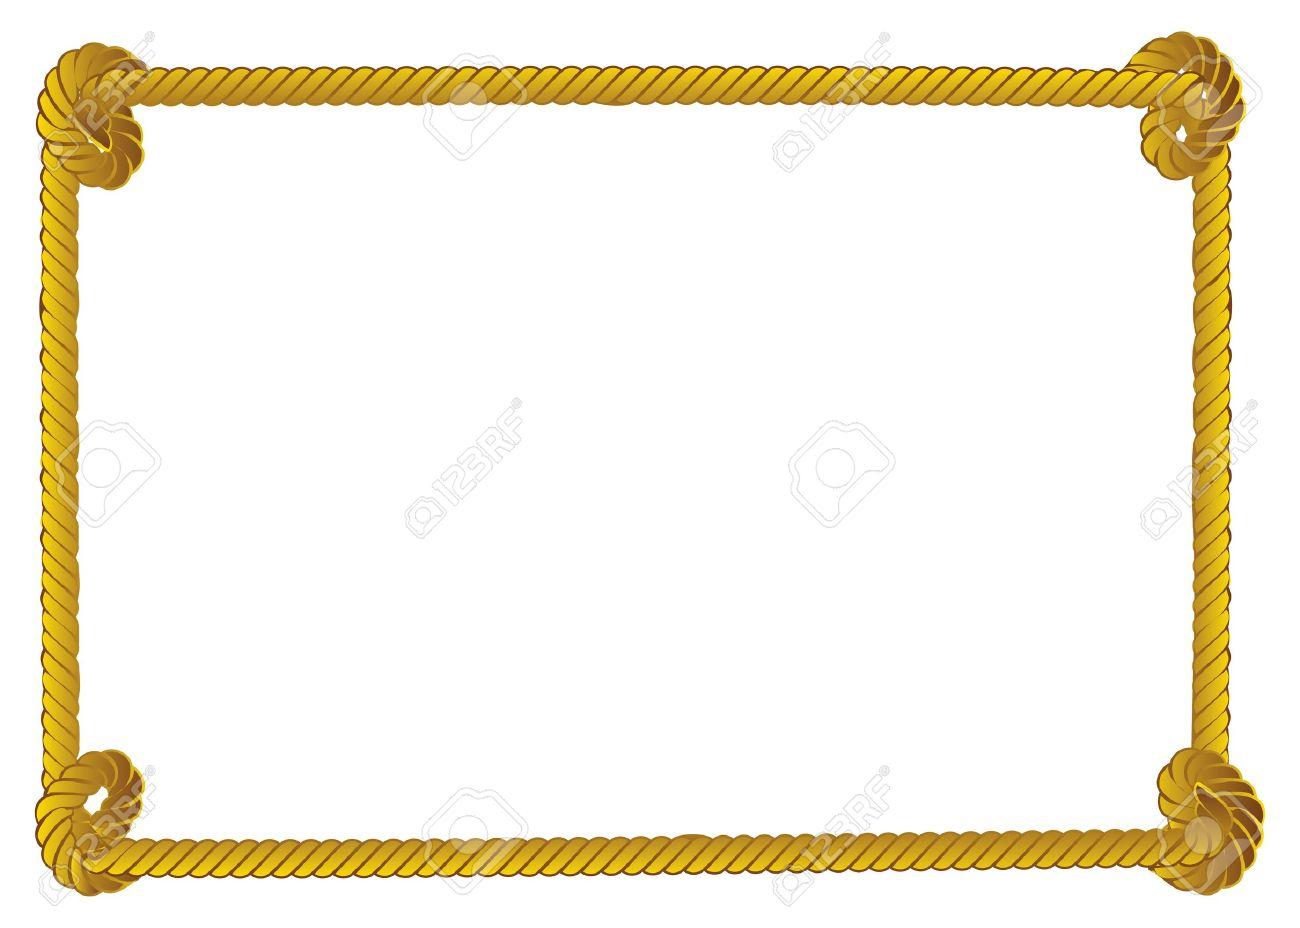 Gelbes Seil Rahmen, Grenze Auf Weißem Hintergrund. Lizenzfrei ...